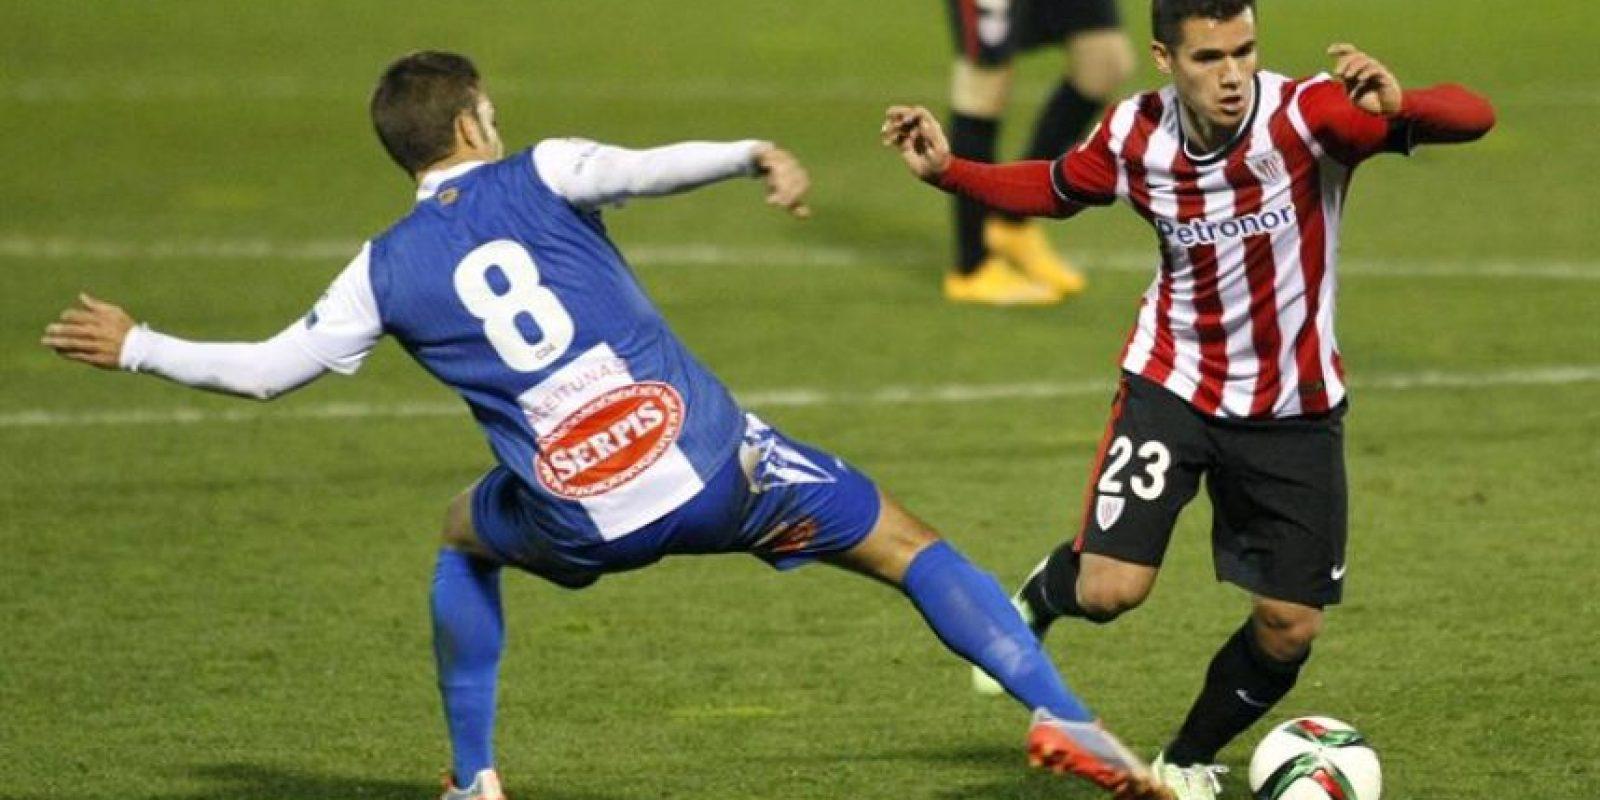 El Alcoyano le complicó las cosas al Athletic de Bilbao contra el que empató 1-1. Foto:EFE